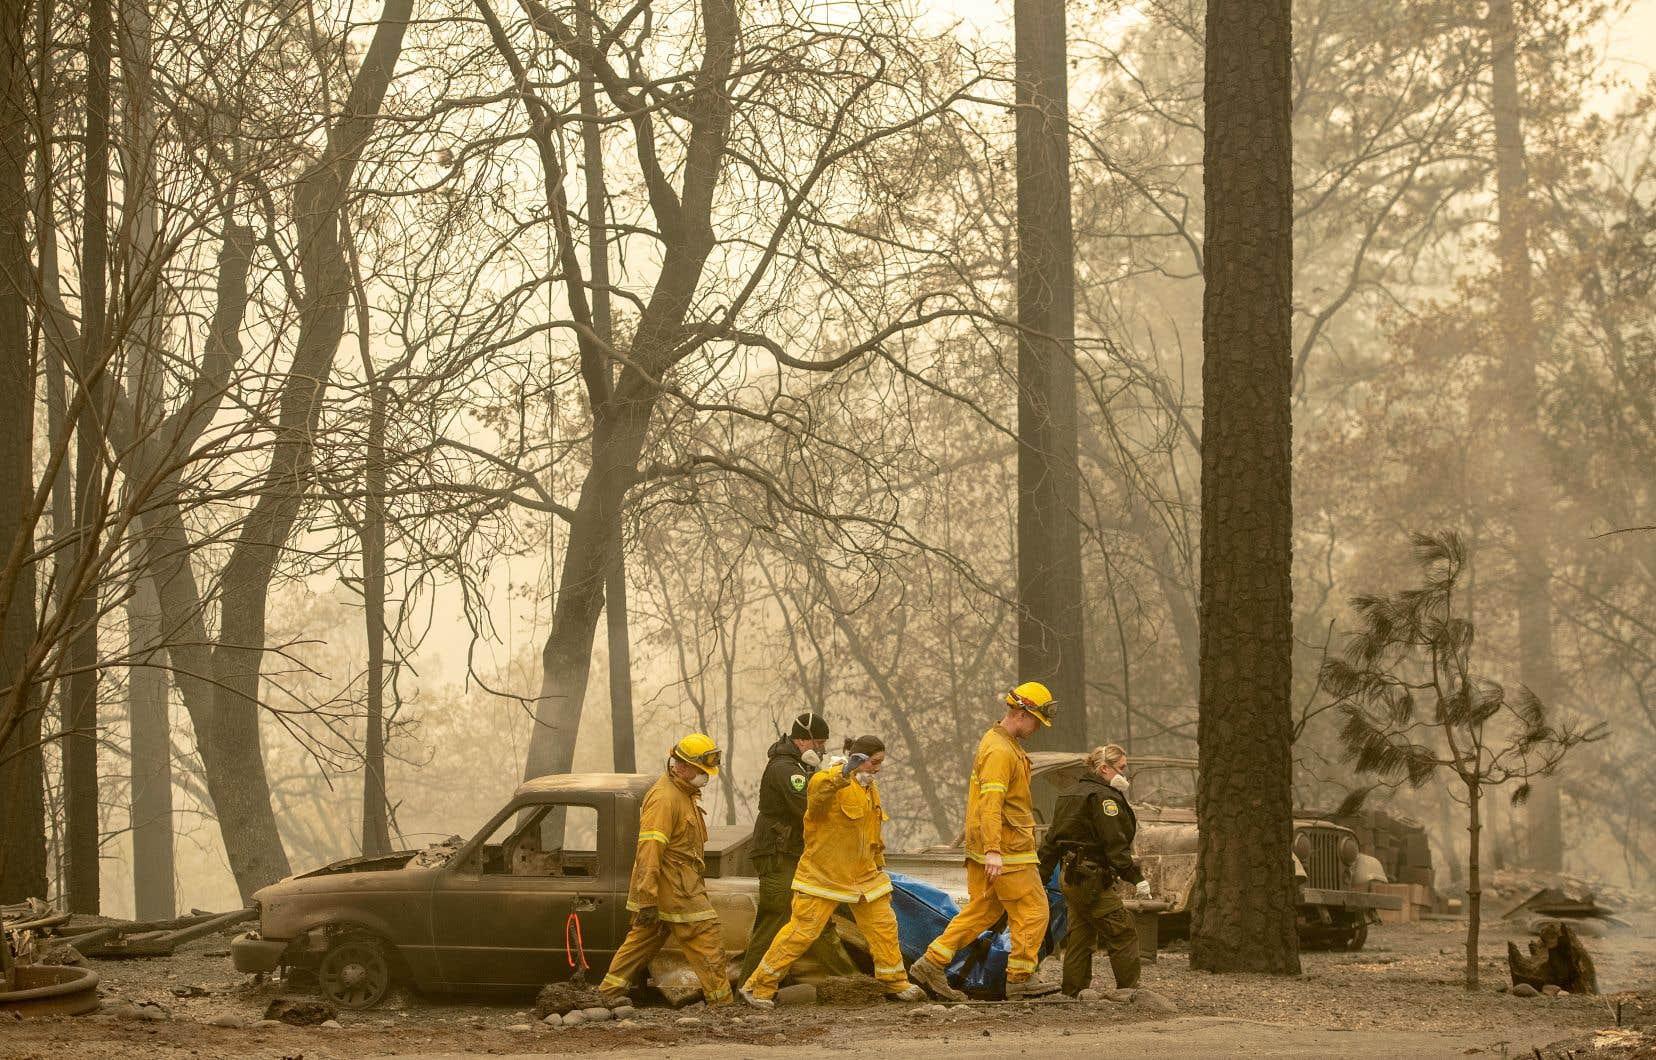 L'incendie «Camp» est le plus meurtrier de l'histoire de la Californie.